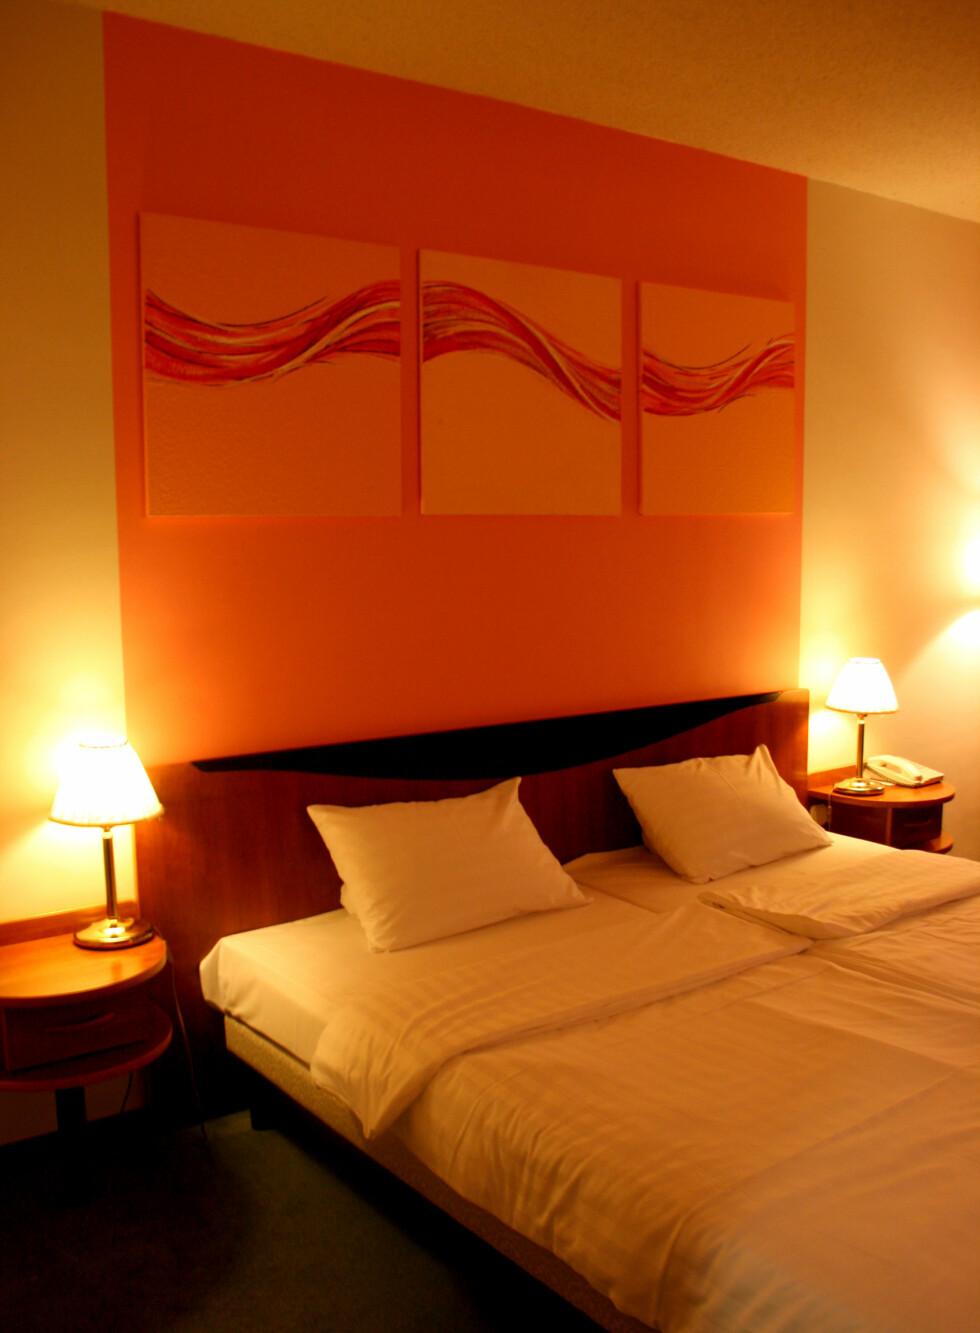 Hotellet åpnet i mai 2000, og rommene har ikke rukket å bli slitne ennå.